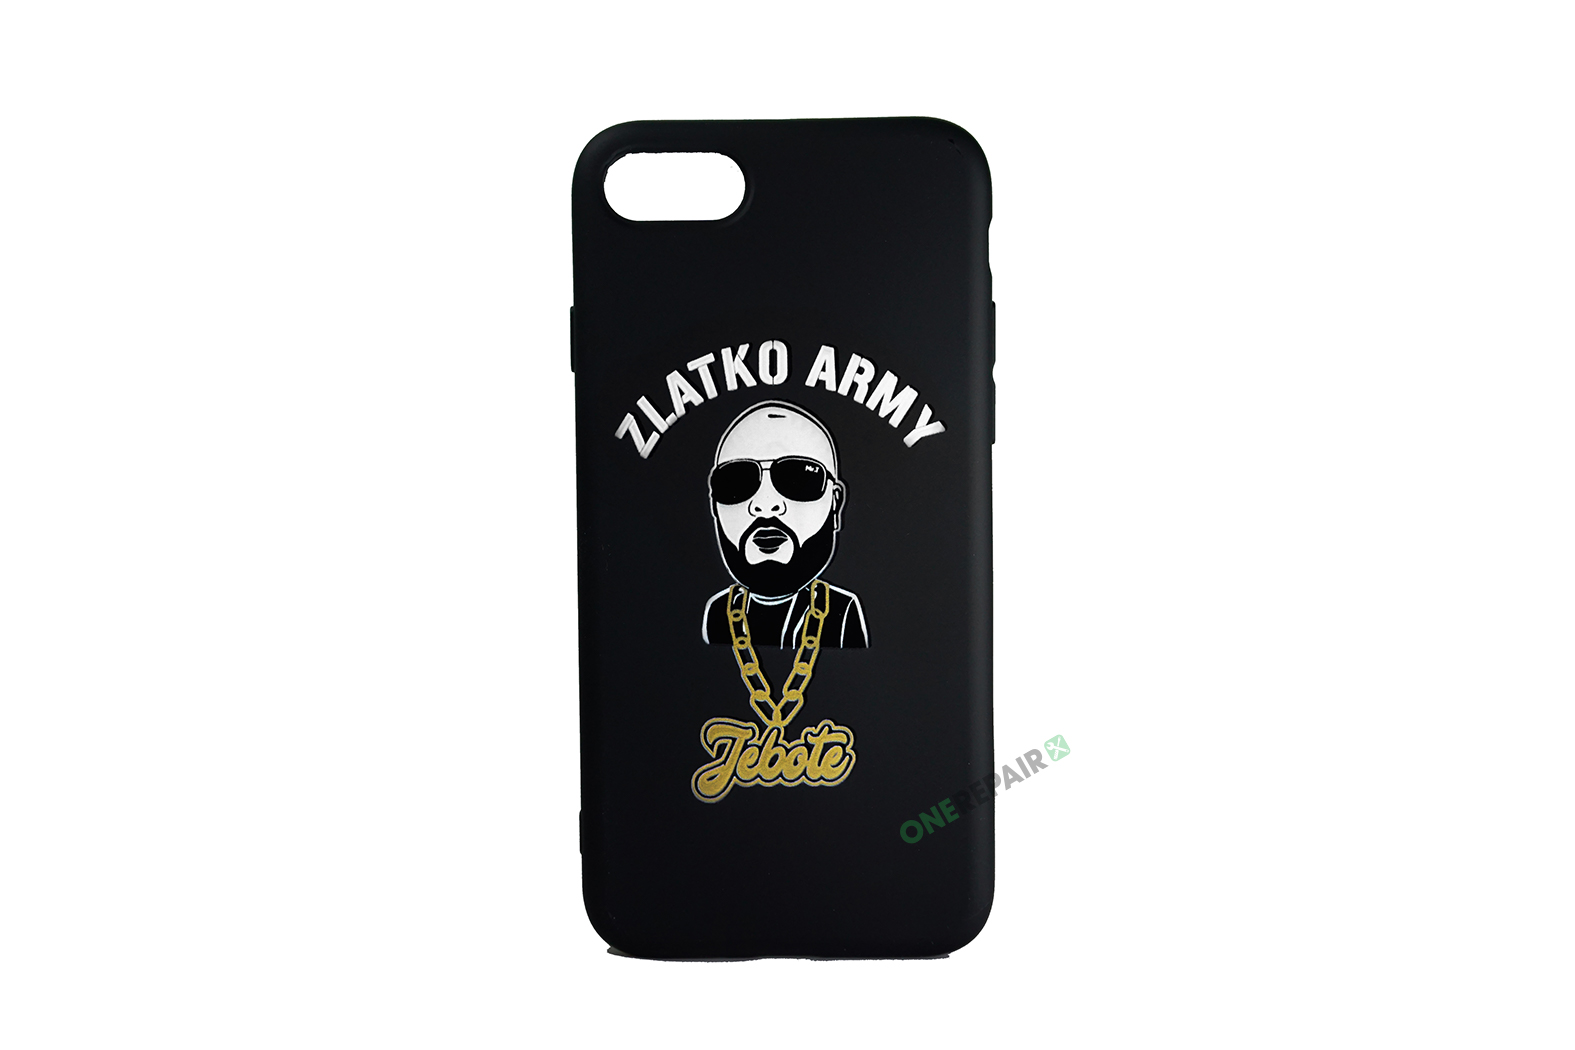 353781-001_iPhone_7_8_Zlatko_Army_Sort_OneRepair_00001